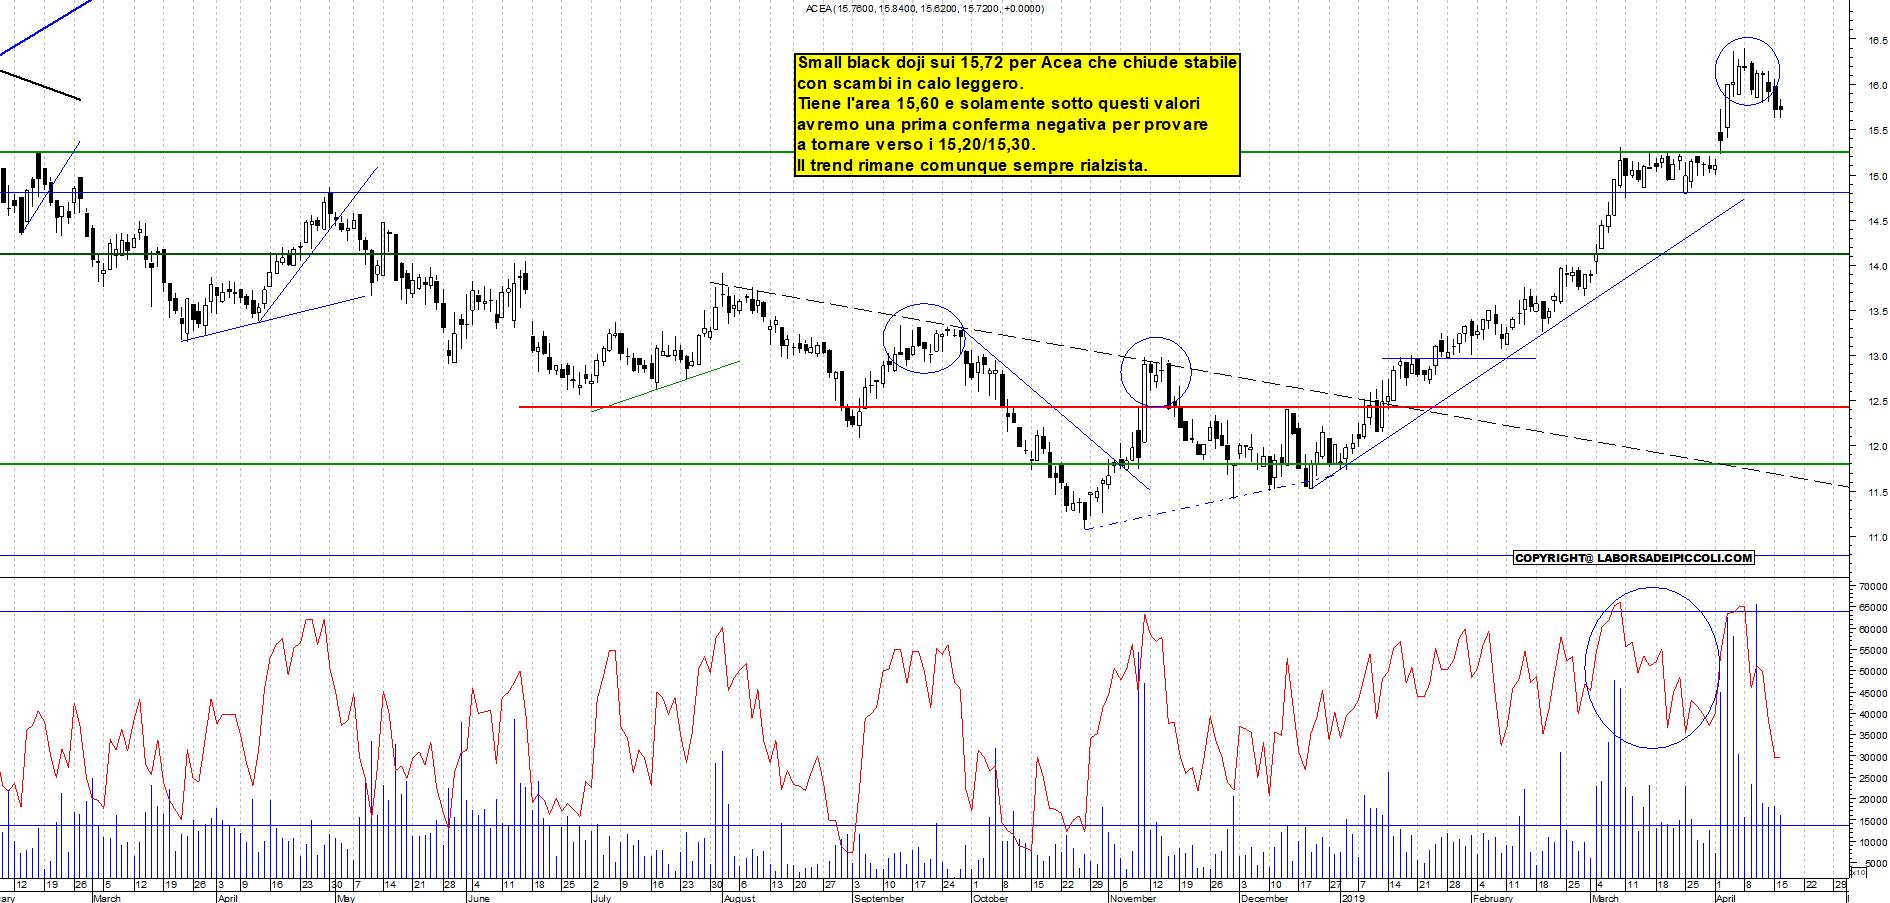 preordine cercare codice promozionale Grafico azioni Acea 16 04 2019 ora 18:15. - La Borsa Dei Piccoli